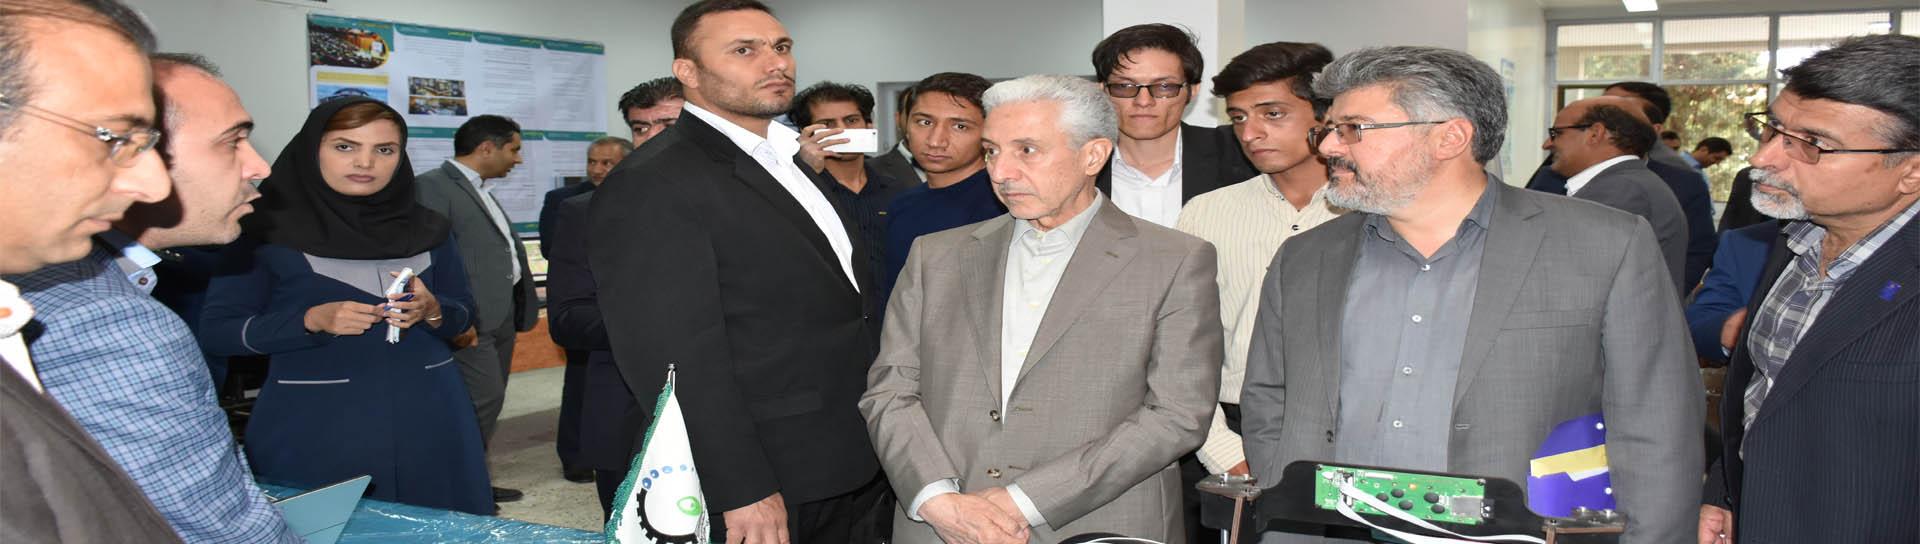 بازدید وزیر علوم از نمایشگاه دستاوردهای پارک علم و فناوری استان